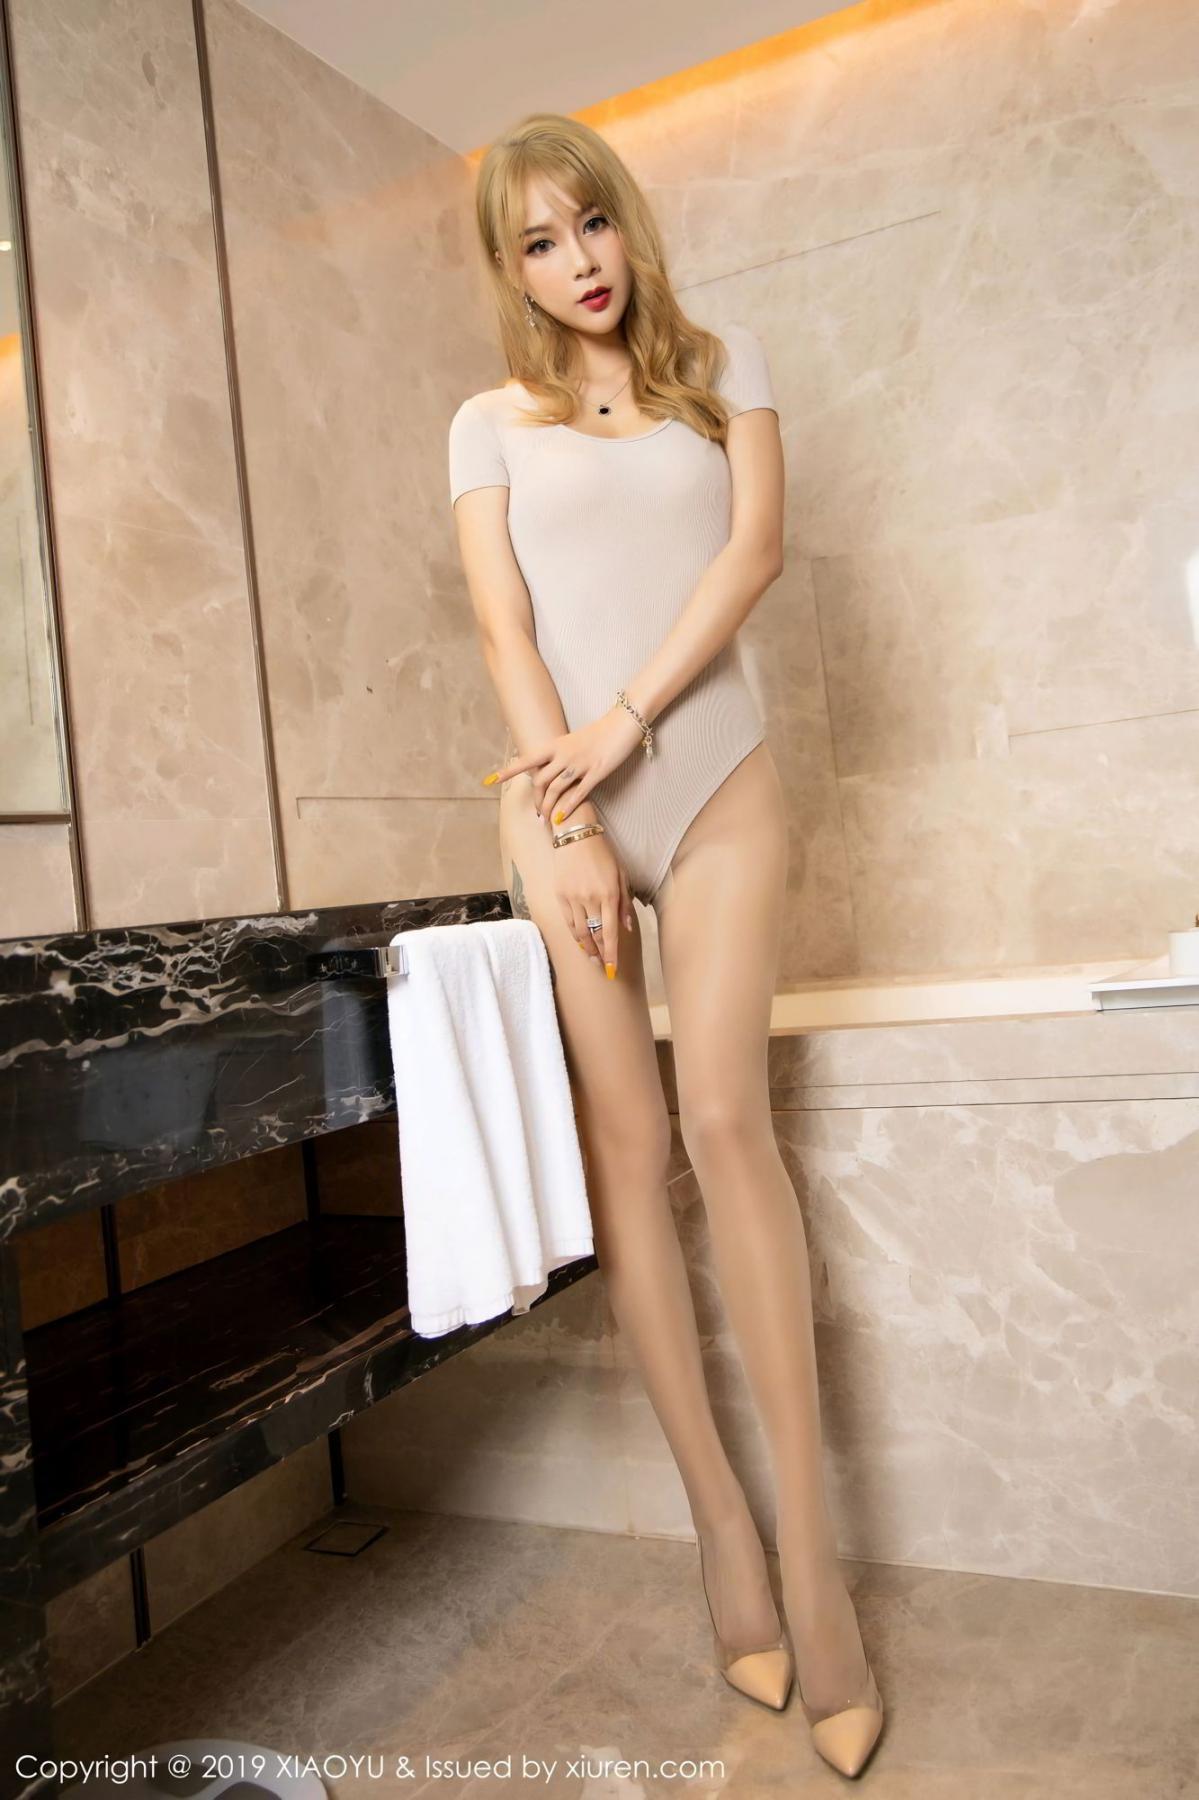 [XiaoYu] Vol.131 Feng Xi Wen 10P, Bathroom, Feng Xi Wen, Tall, Underwear, XiaoYu